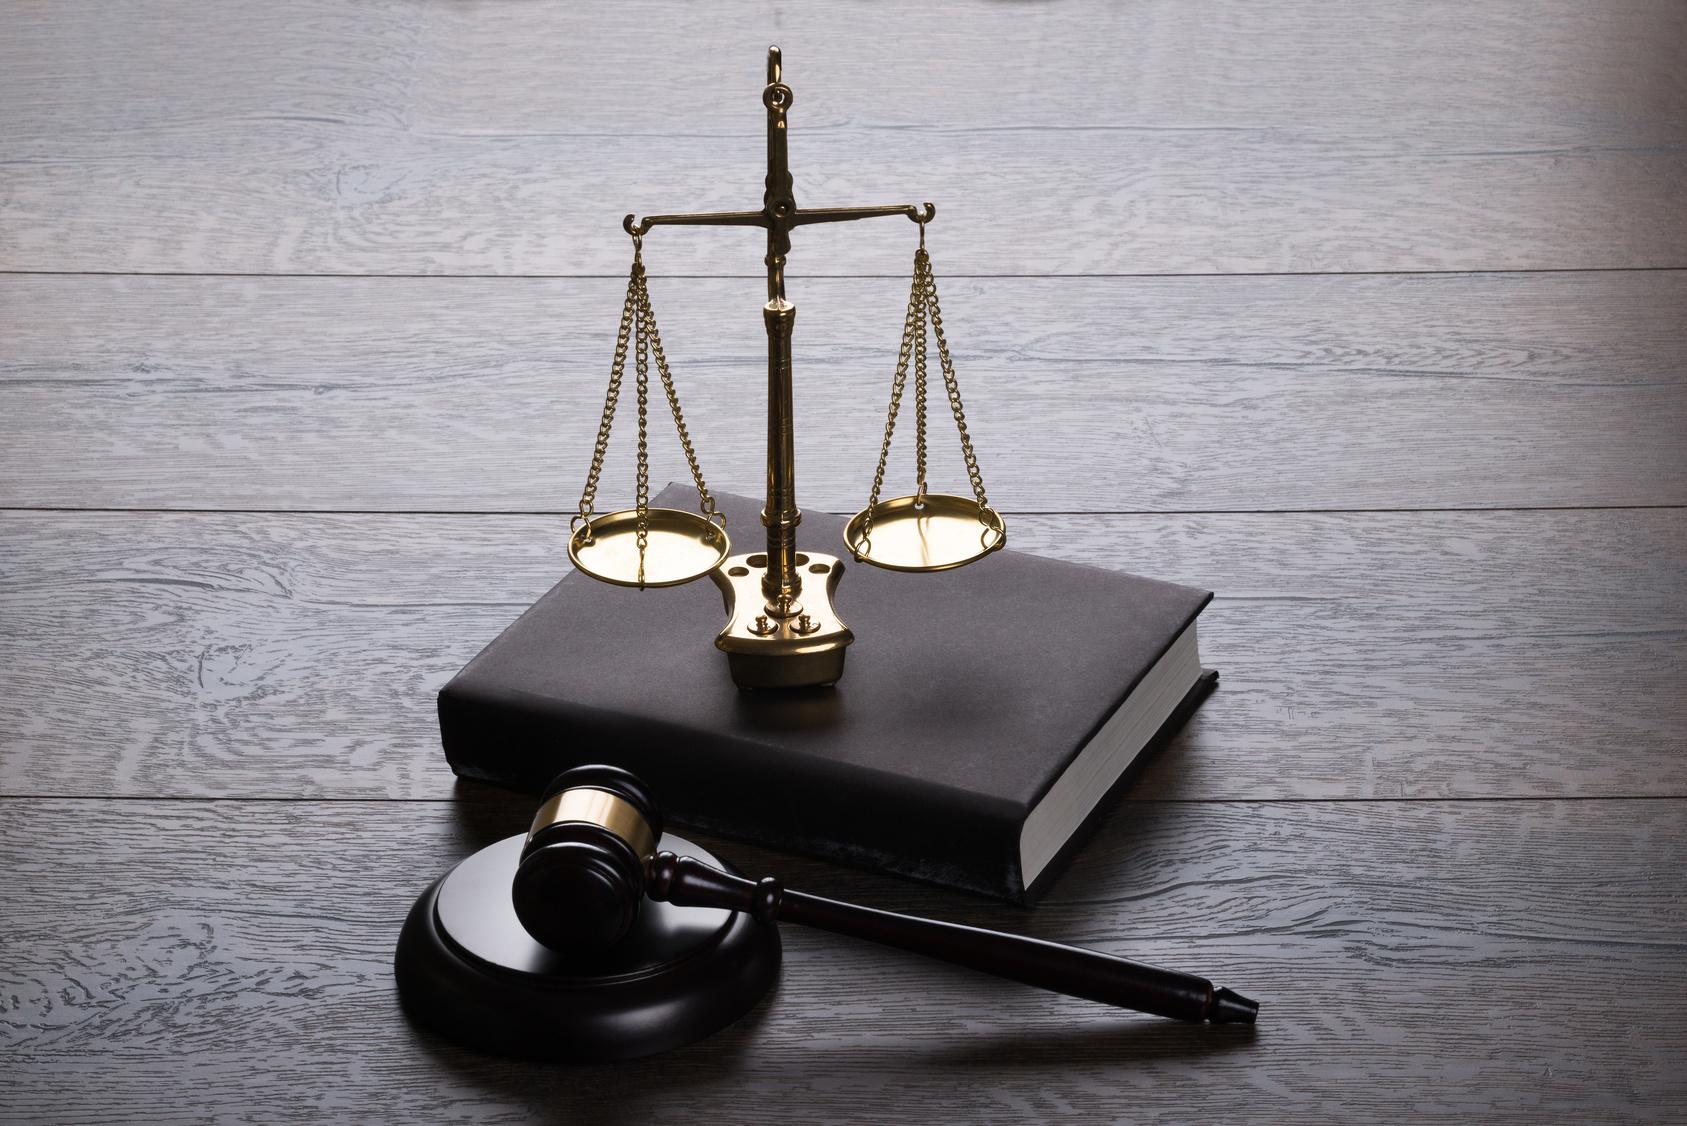 Australian Valuers Litigation - В ХМАО проведут масштабный юридический ликбез – бесплатные юридические консультации и правовые уроки для всех желающих